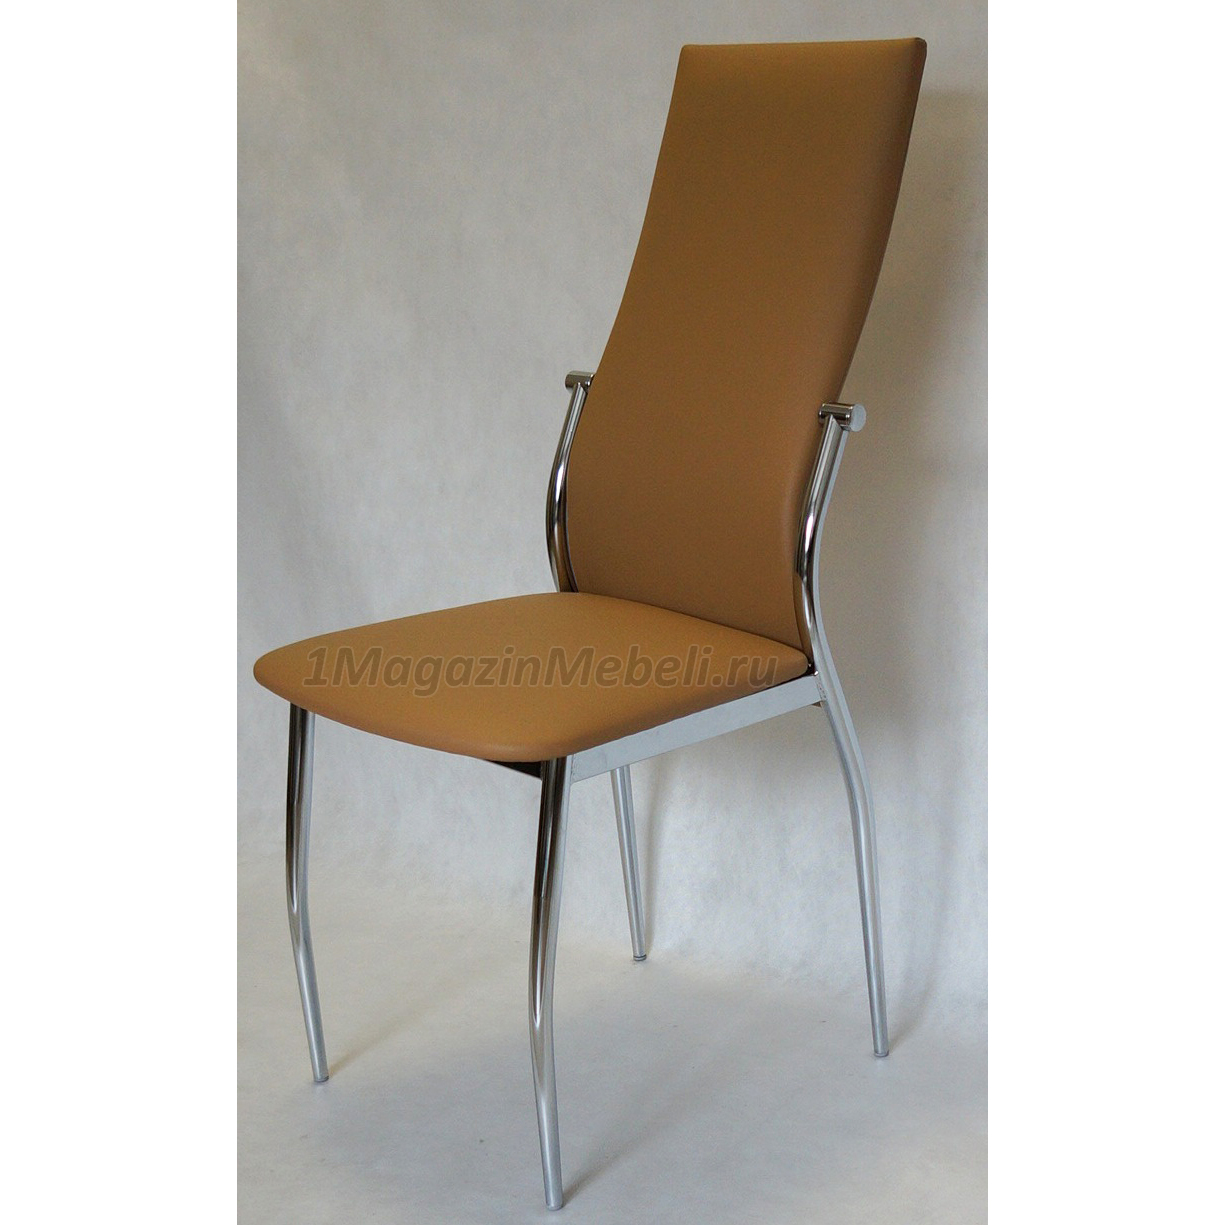 Светло-коричневый стул для кухни, металлический эко-кожа (арт. М3227)